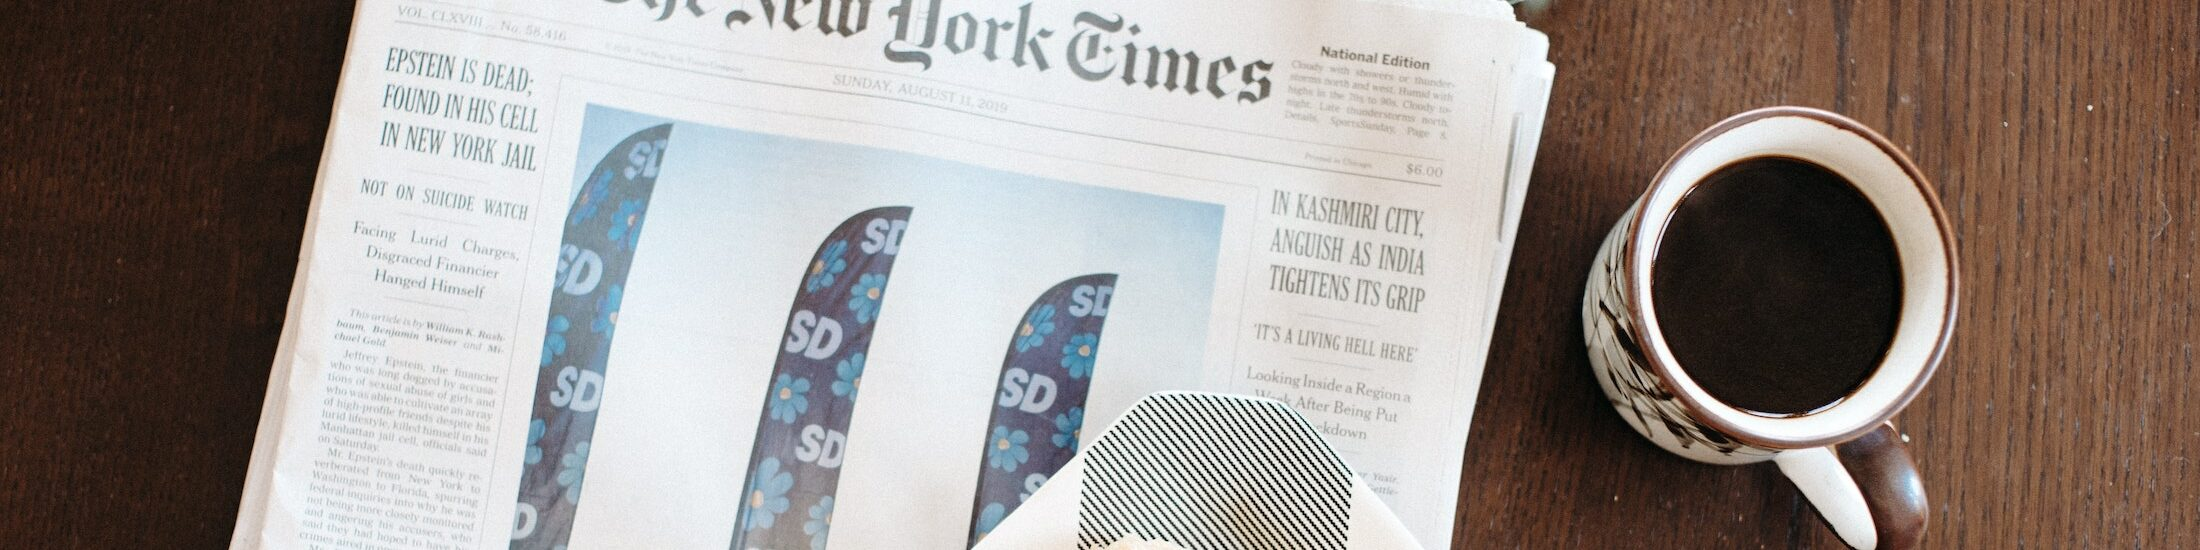 Man sieht die Szene aus der Vogelperspektive. Eine Zeitung der New York Times liegt auf einem Holztisch. Daneben steht eine Tasse schwarzer Kaffee. Am unteren Bildrand erkennt man noch etwas Gebäck auf einem Teller. Ein Sinnbild für eine Eilmeldung, oder Extrablatt, bezüglich des einfach mal Kaffee Steady Launches